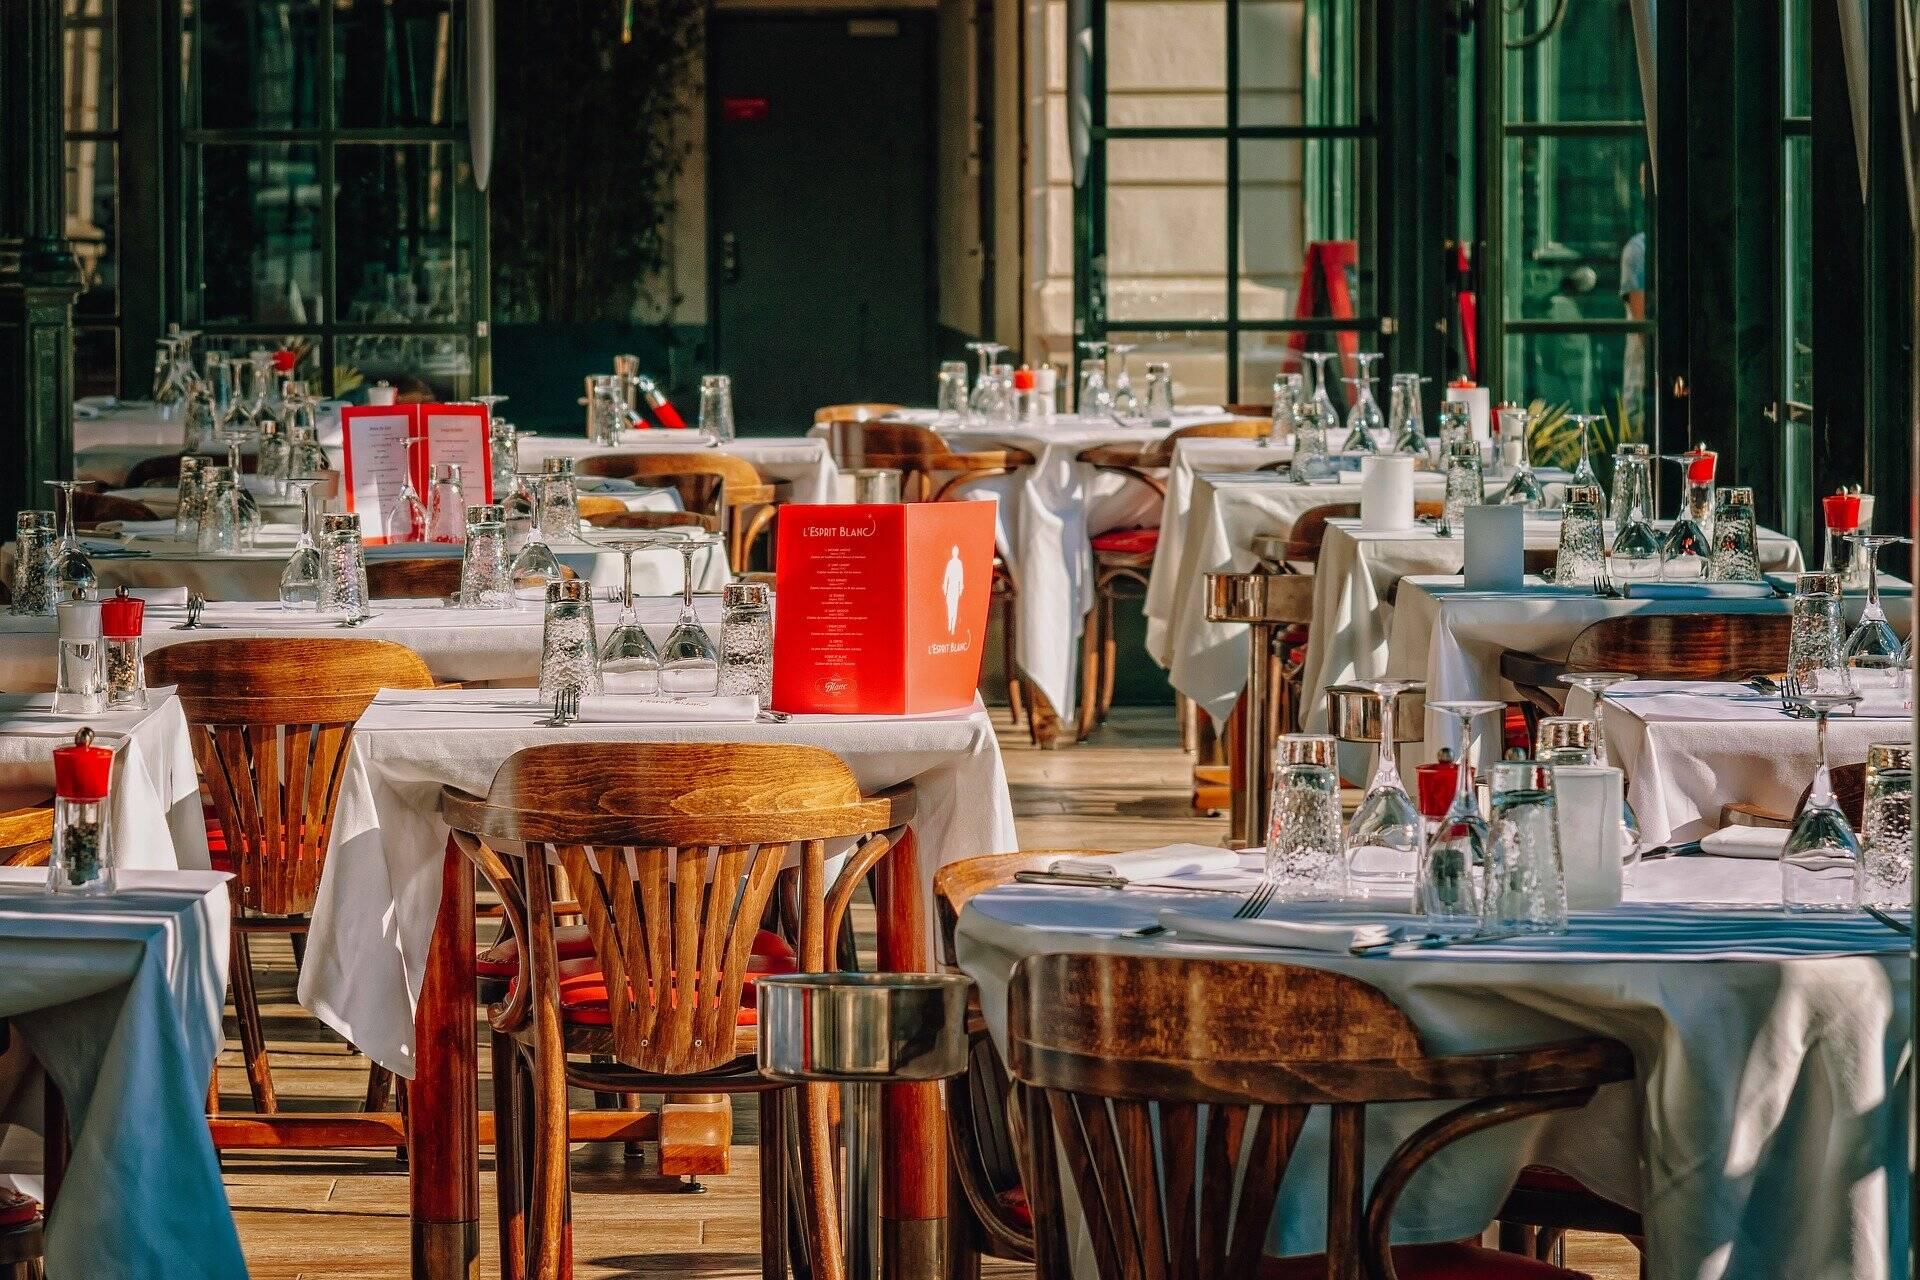 Les Bib Gourmands lyonnais : menus à prix intéressants conseillés par le Guide Michelin !